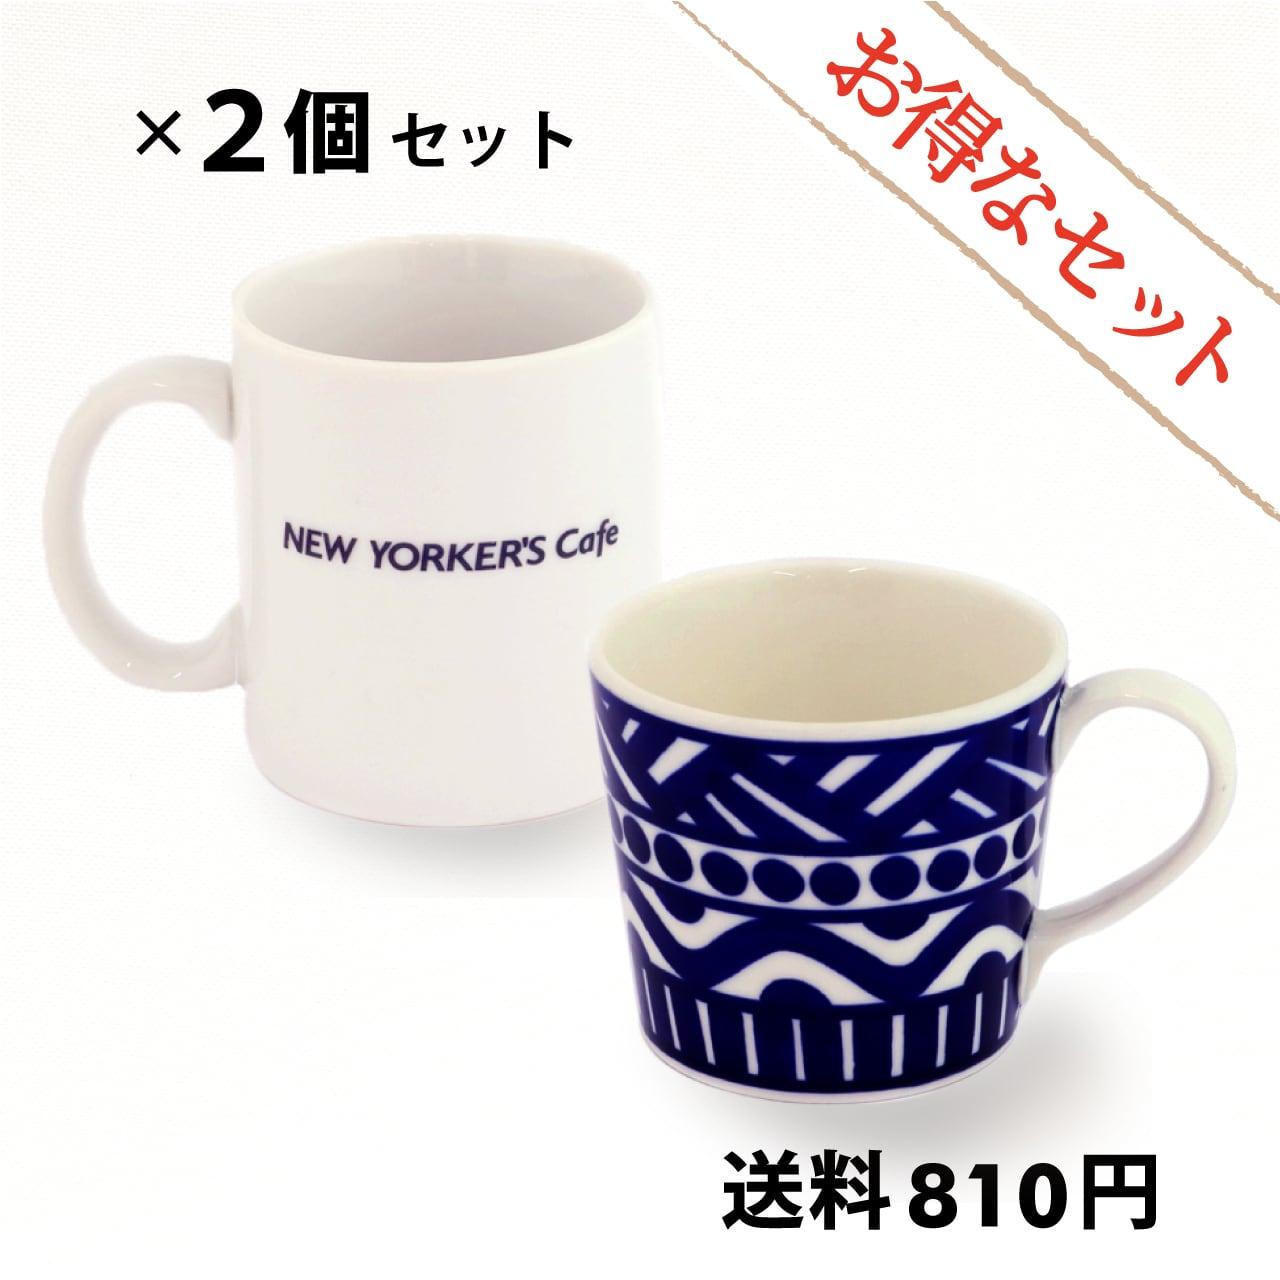 【お得なセット・送料810円】NEW YORKER'S Cafe オリジナルマグカップ&RUNOA COFFEE アメリカン珈琲マグカップセット